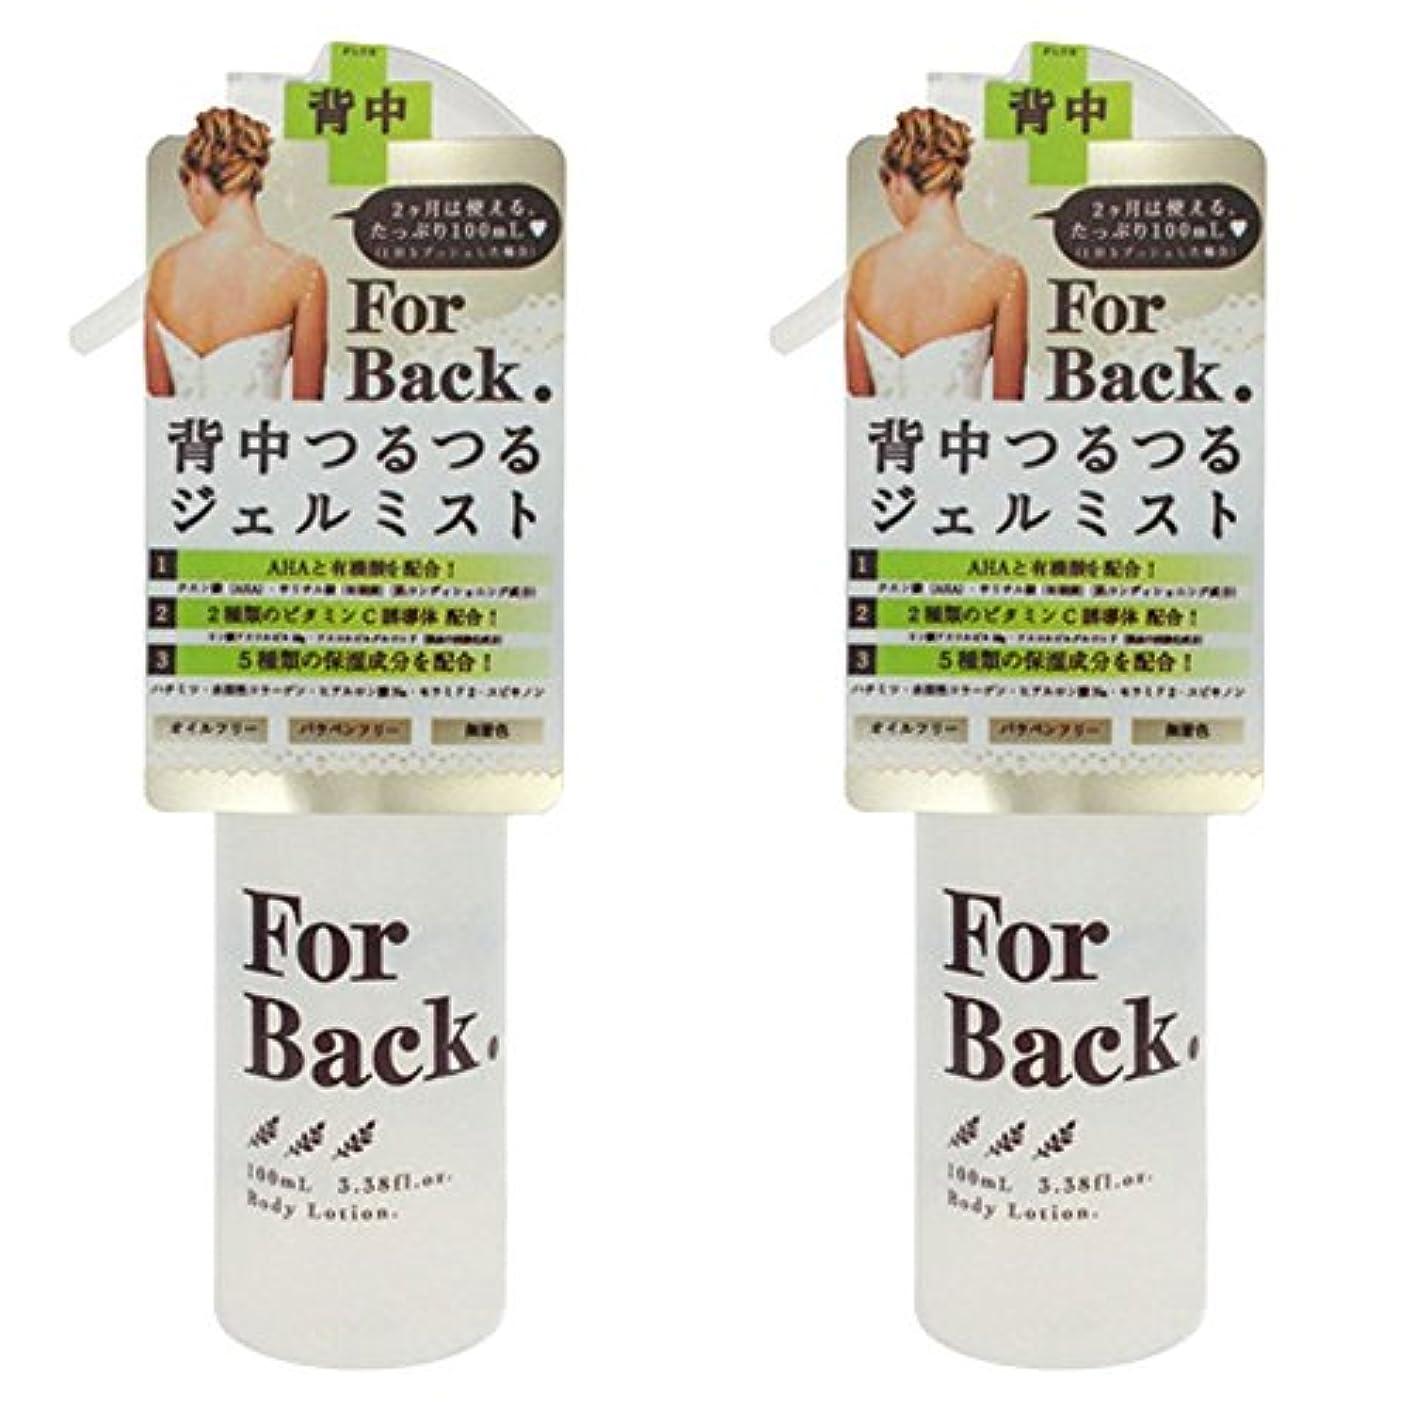 活気づく備品娯楽【セット品】ForBack ジェルミスト 100ml ×2個